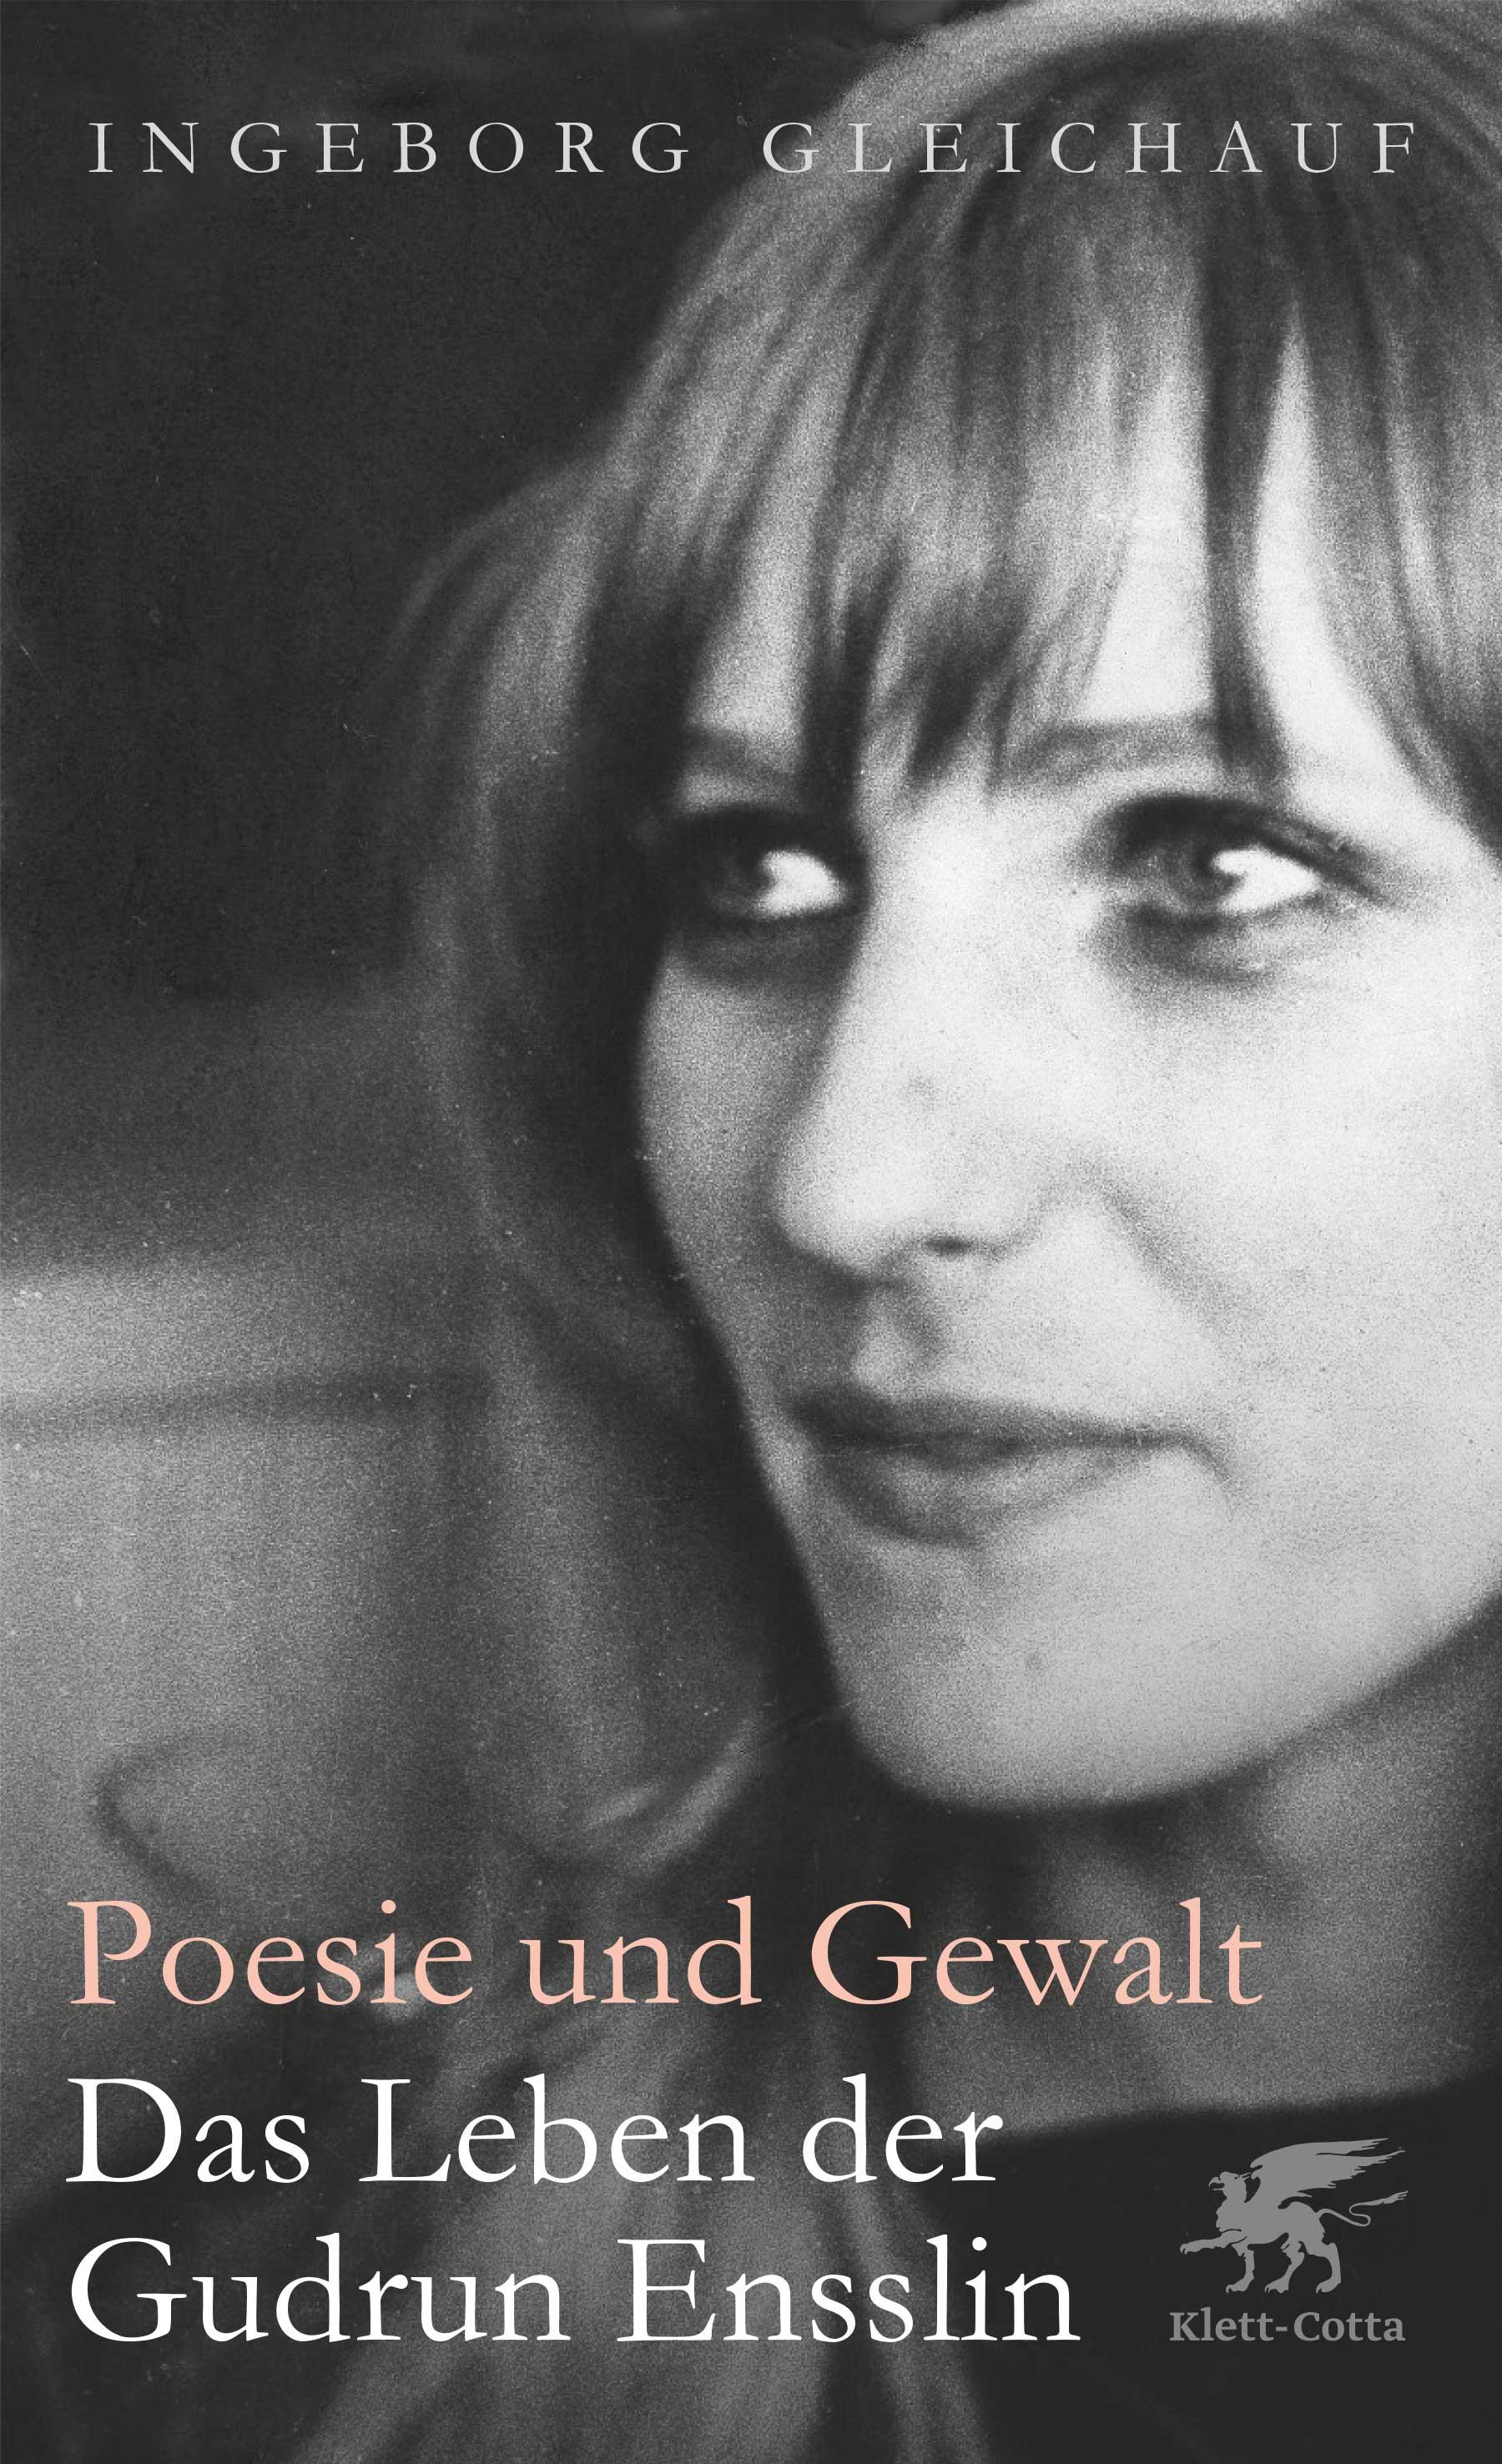 Poesie und Gewalt, Ingeborg Gleichauf